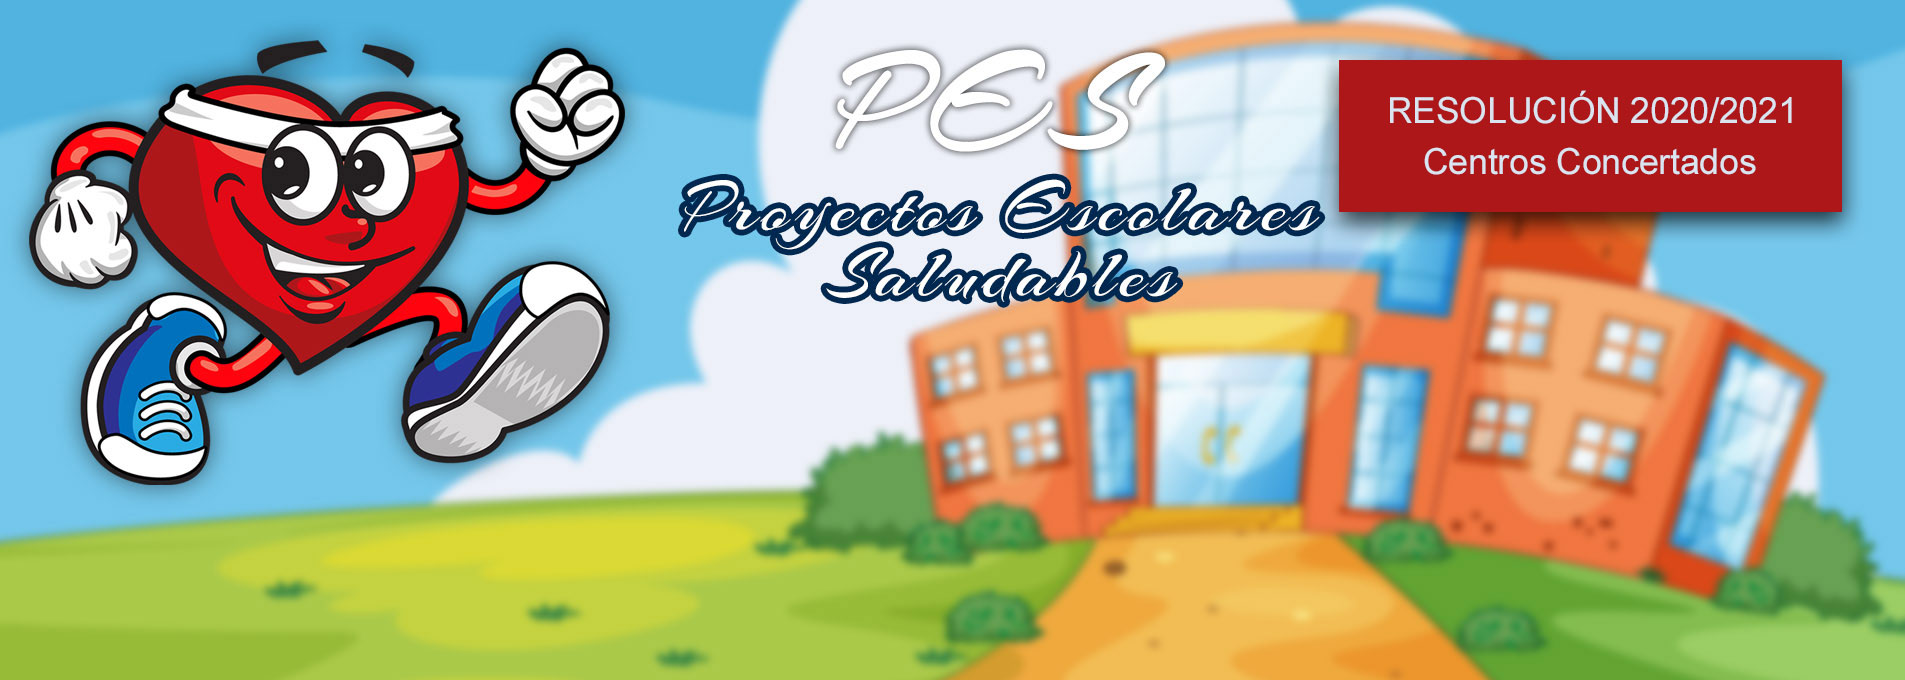 Resolución Proyectos Escolares Saludables 2020-2021